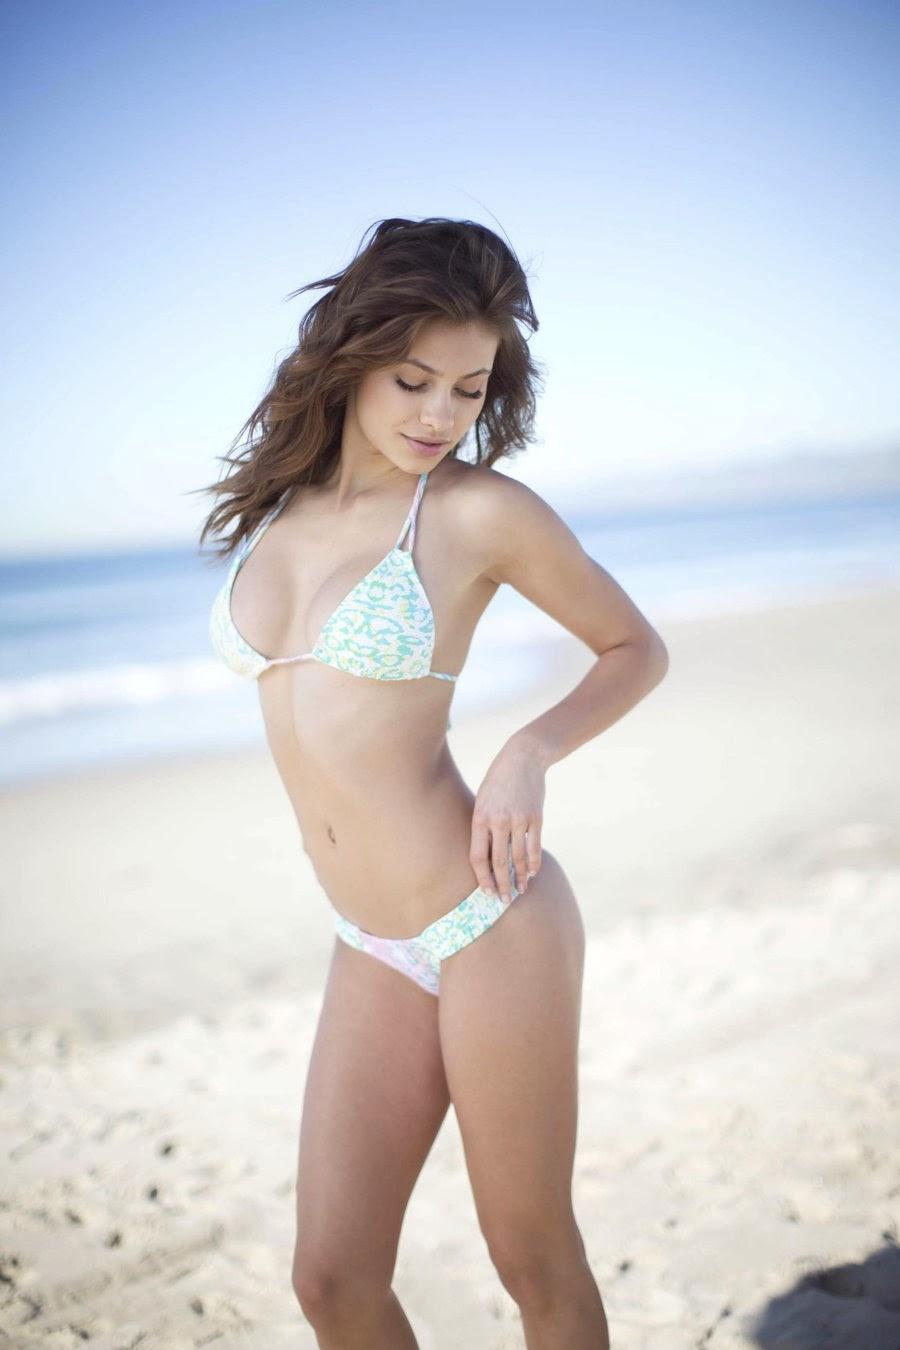 Yara Khmidan model